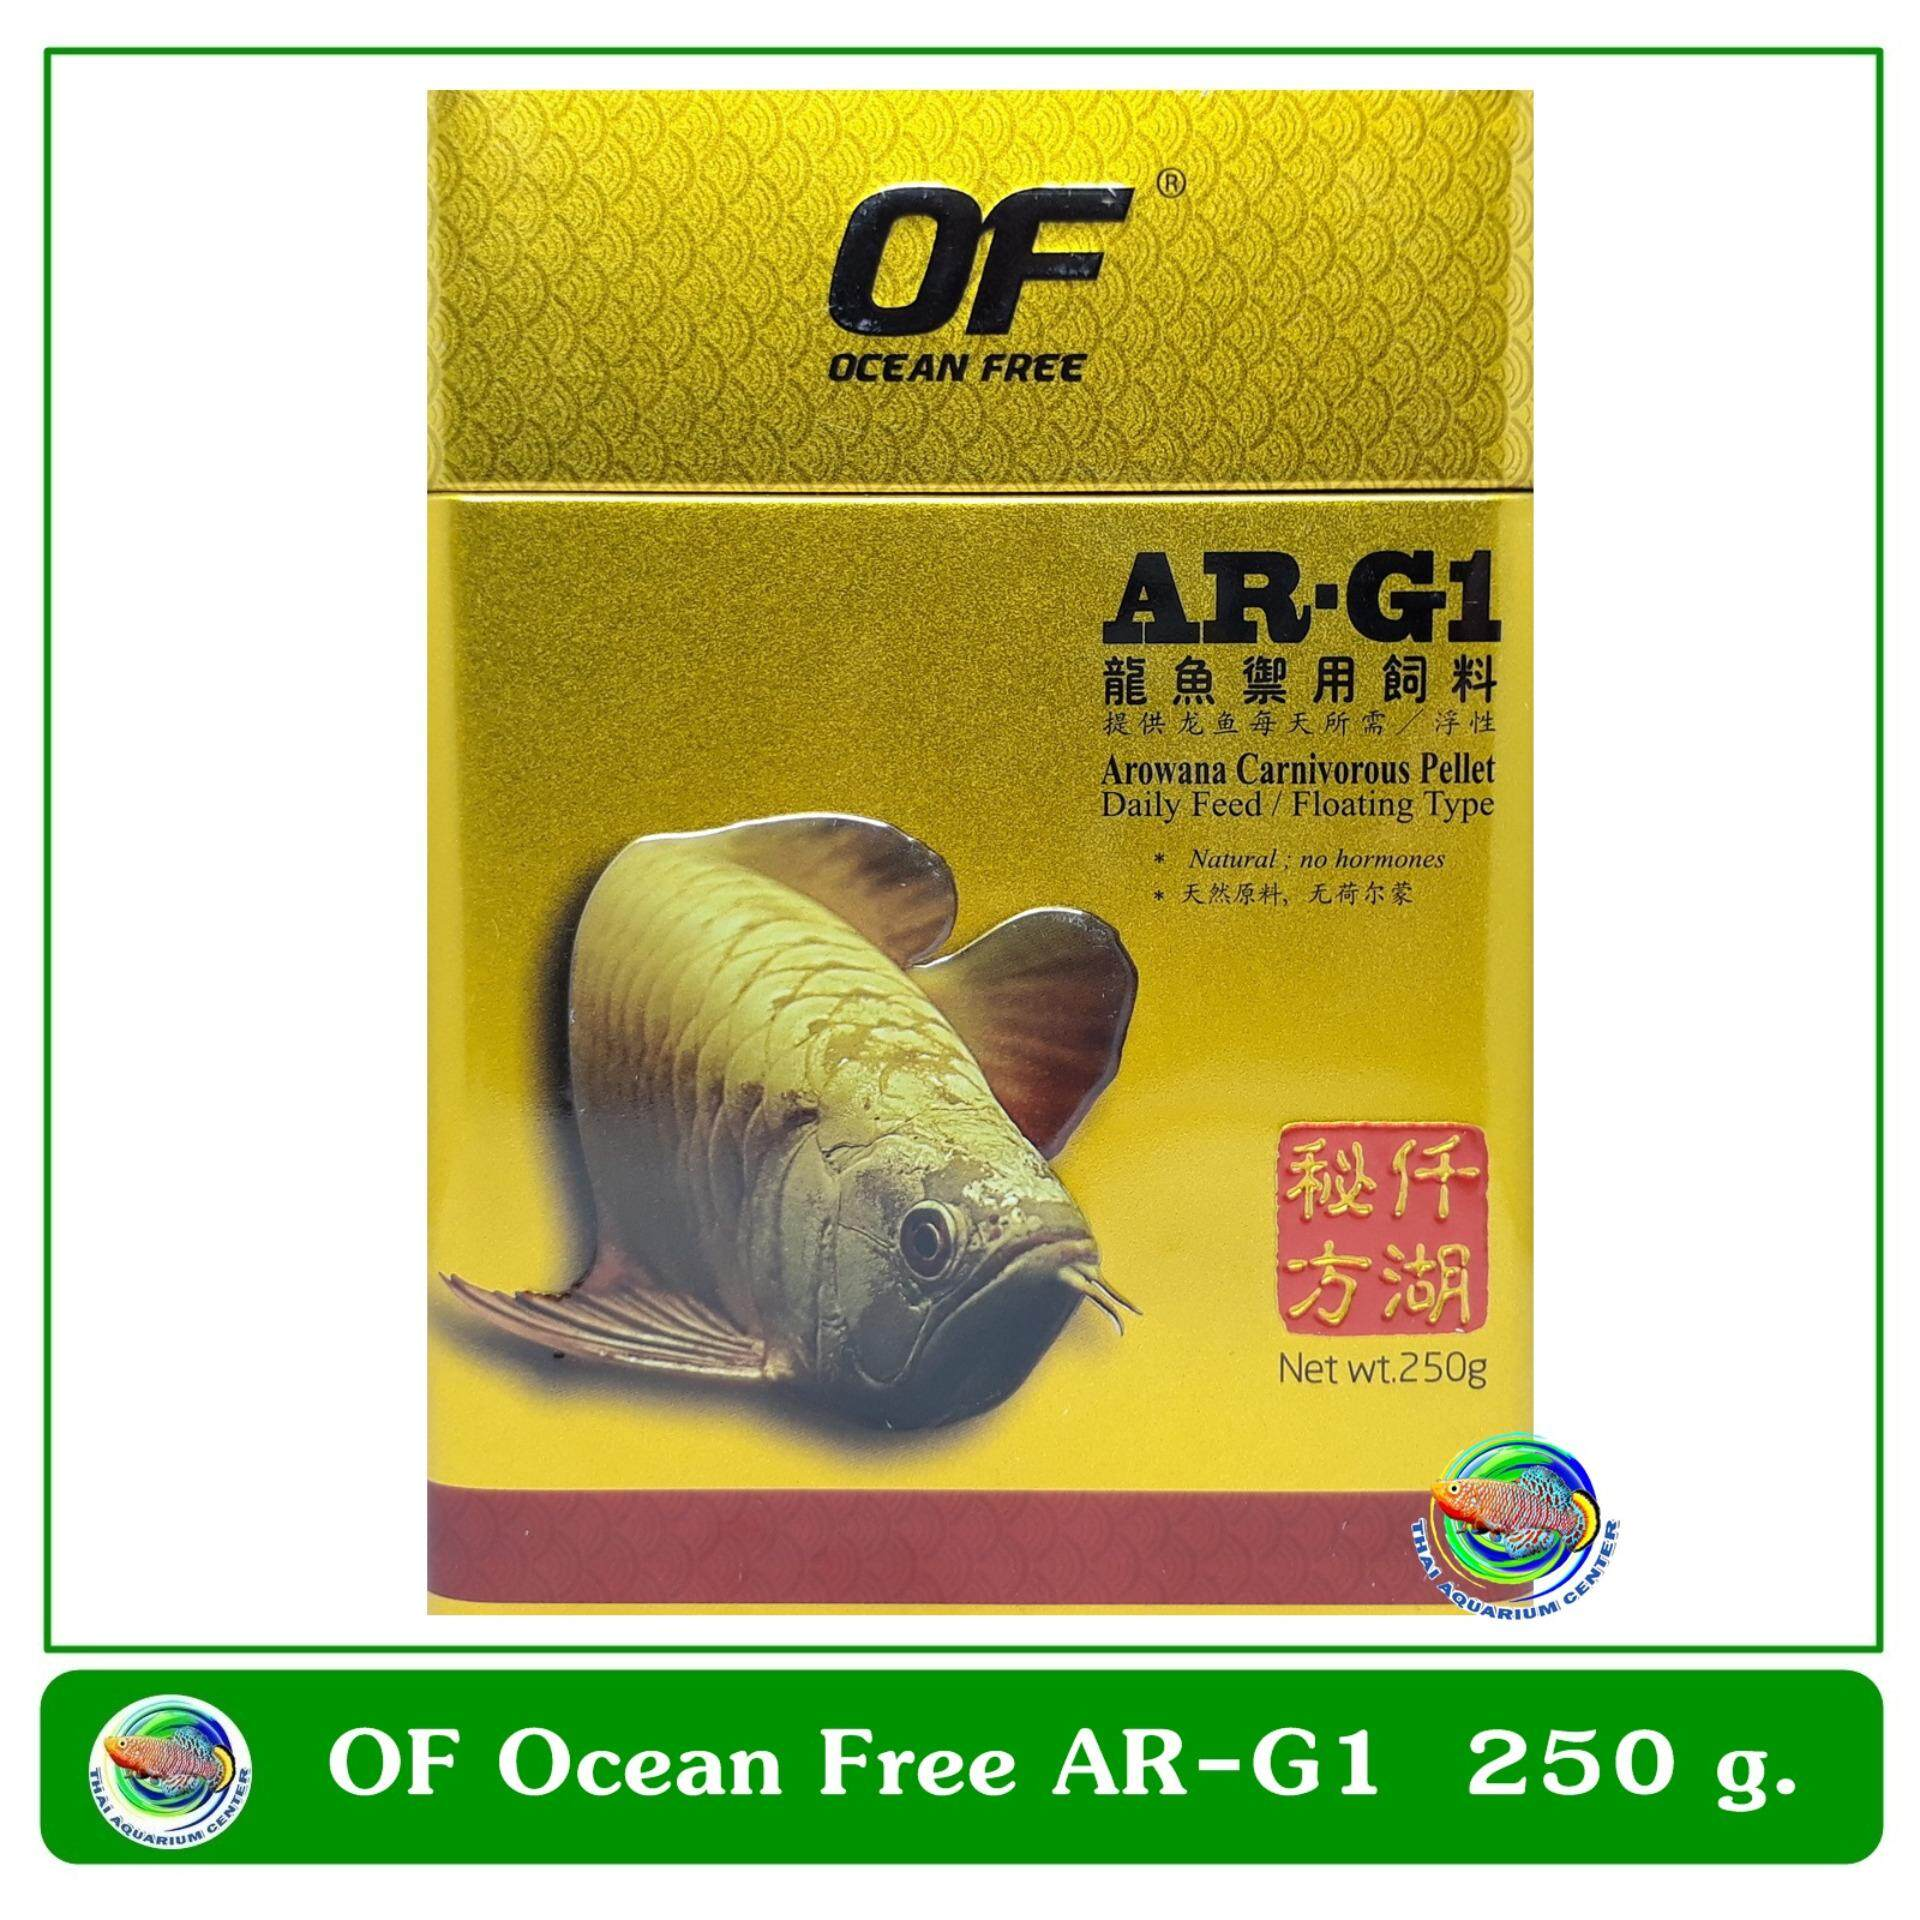 อาหารปลาอโรวาน่า ปลามังกร ปลาตะพัด เกรดพรีเมี่ยม คุณภาพสูง OF OCEAN FREE Arowana Carnivorous Pellet Daily Feed Floating (เม็ดเล็ก)